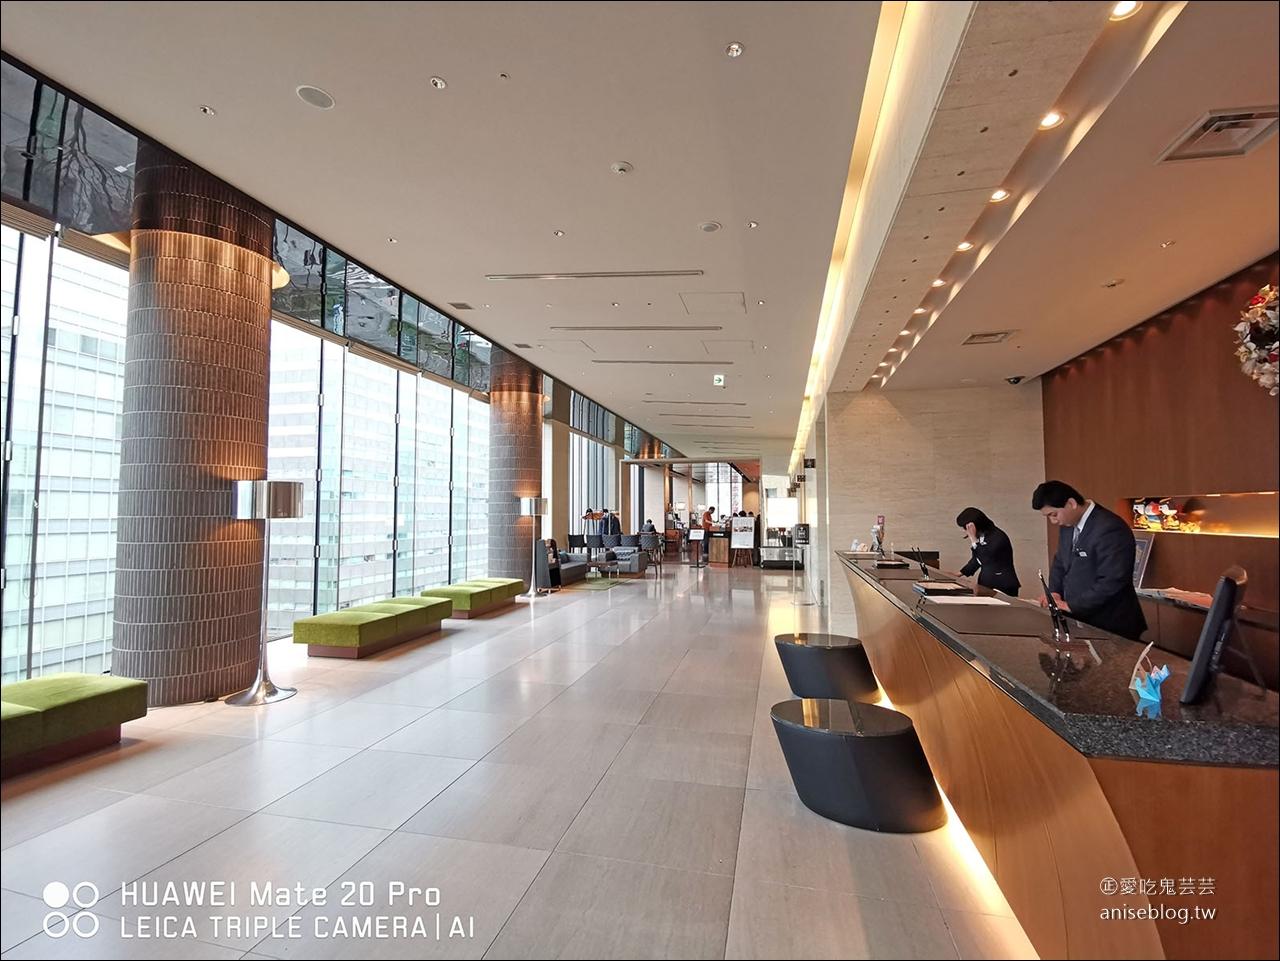 仙台住宿推薦 | 仙台三井花園酒店,口碑好、房間大、早餐豐盛